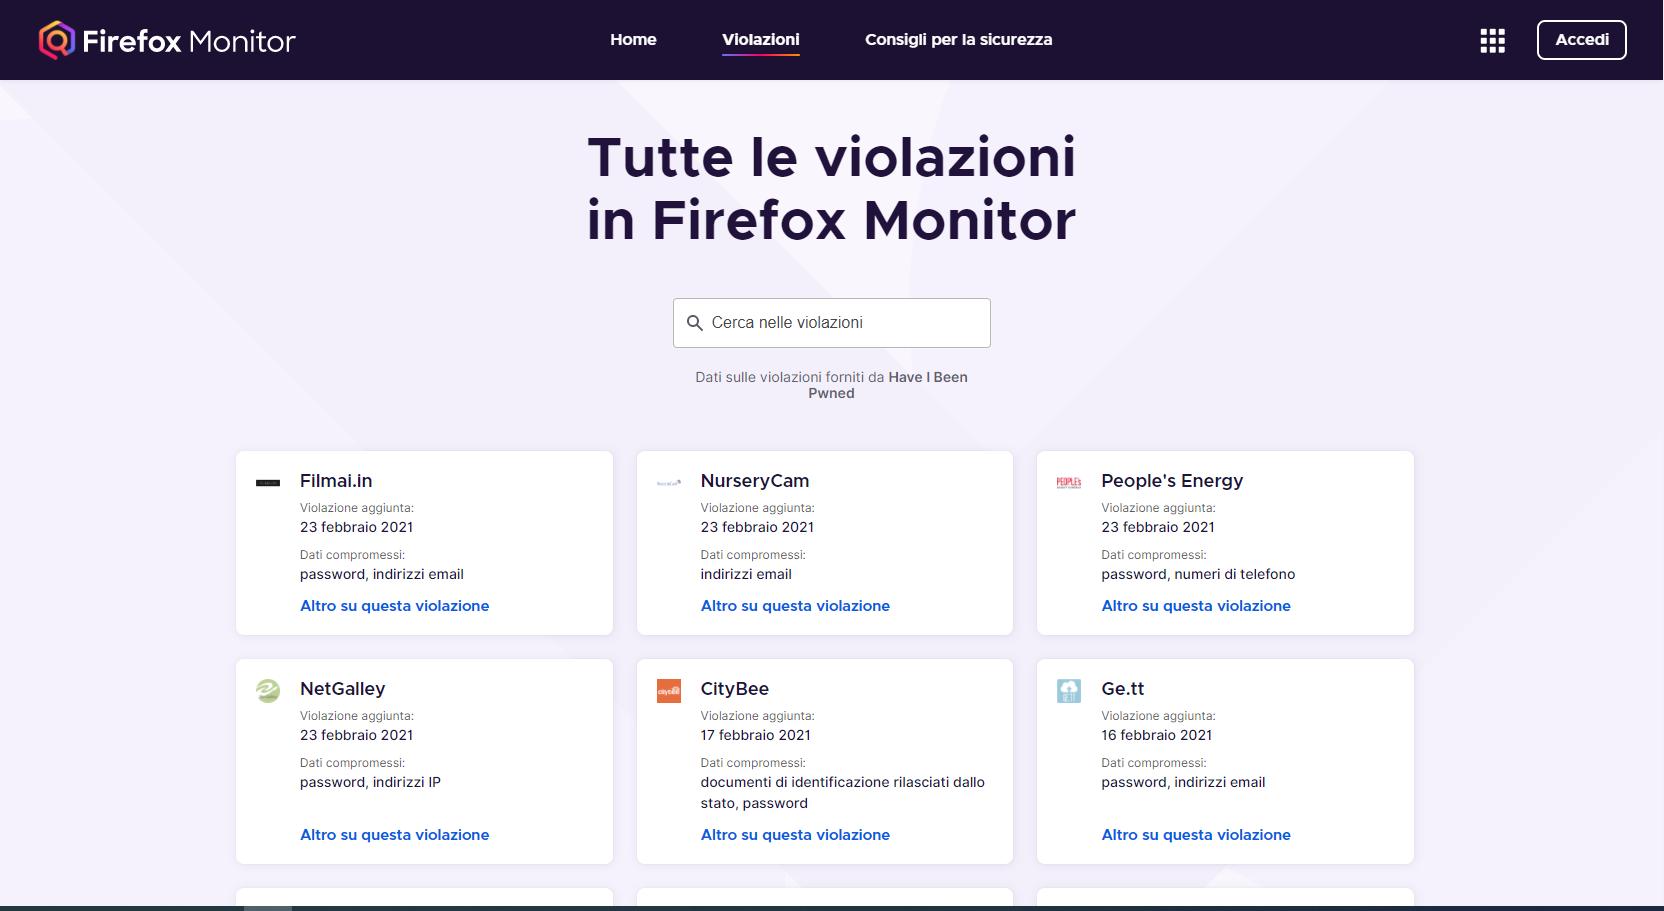 Firefox Monitor Violazioni